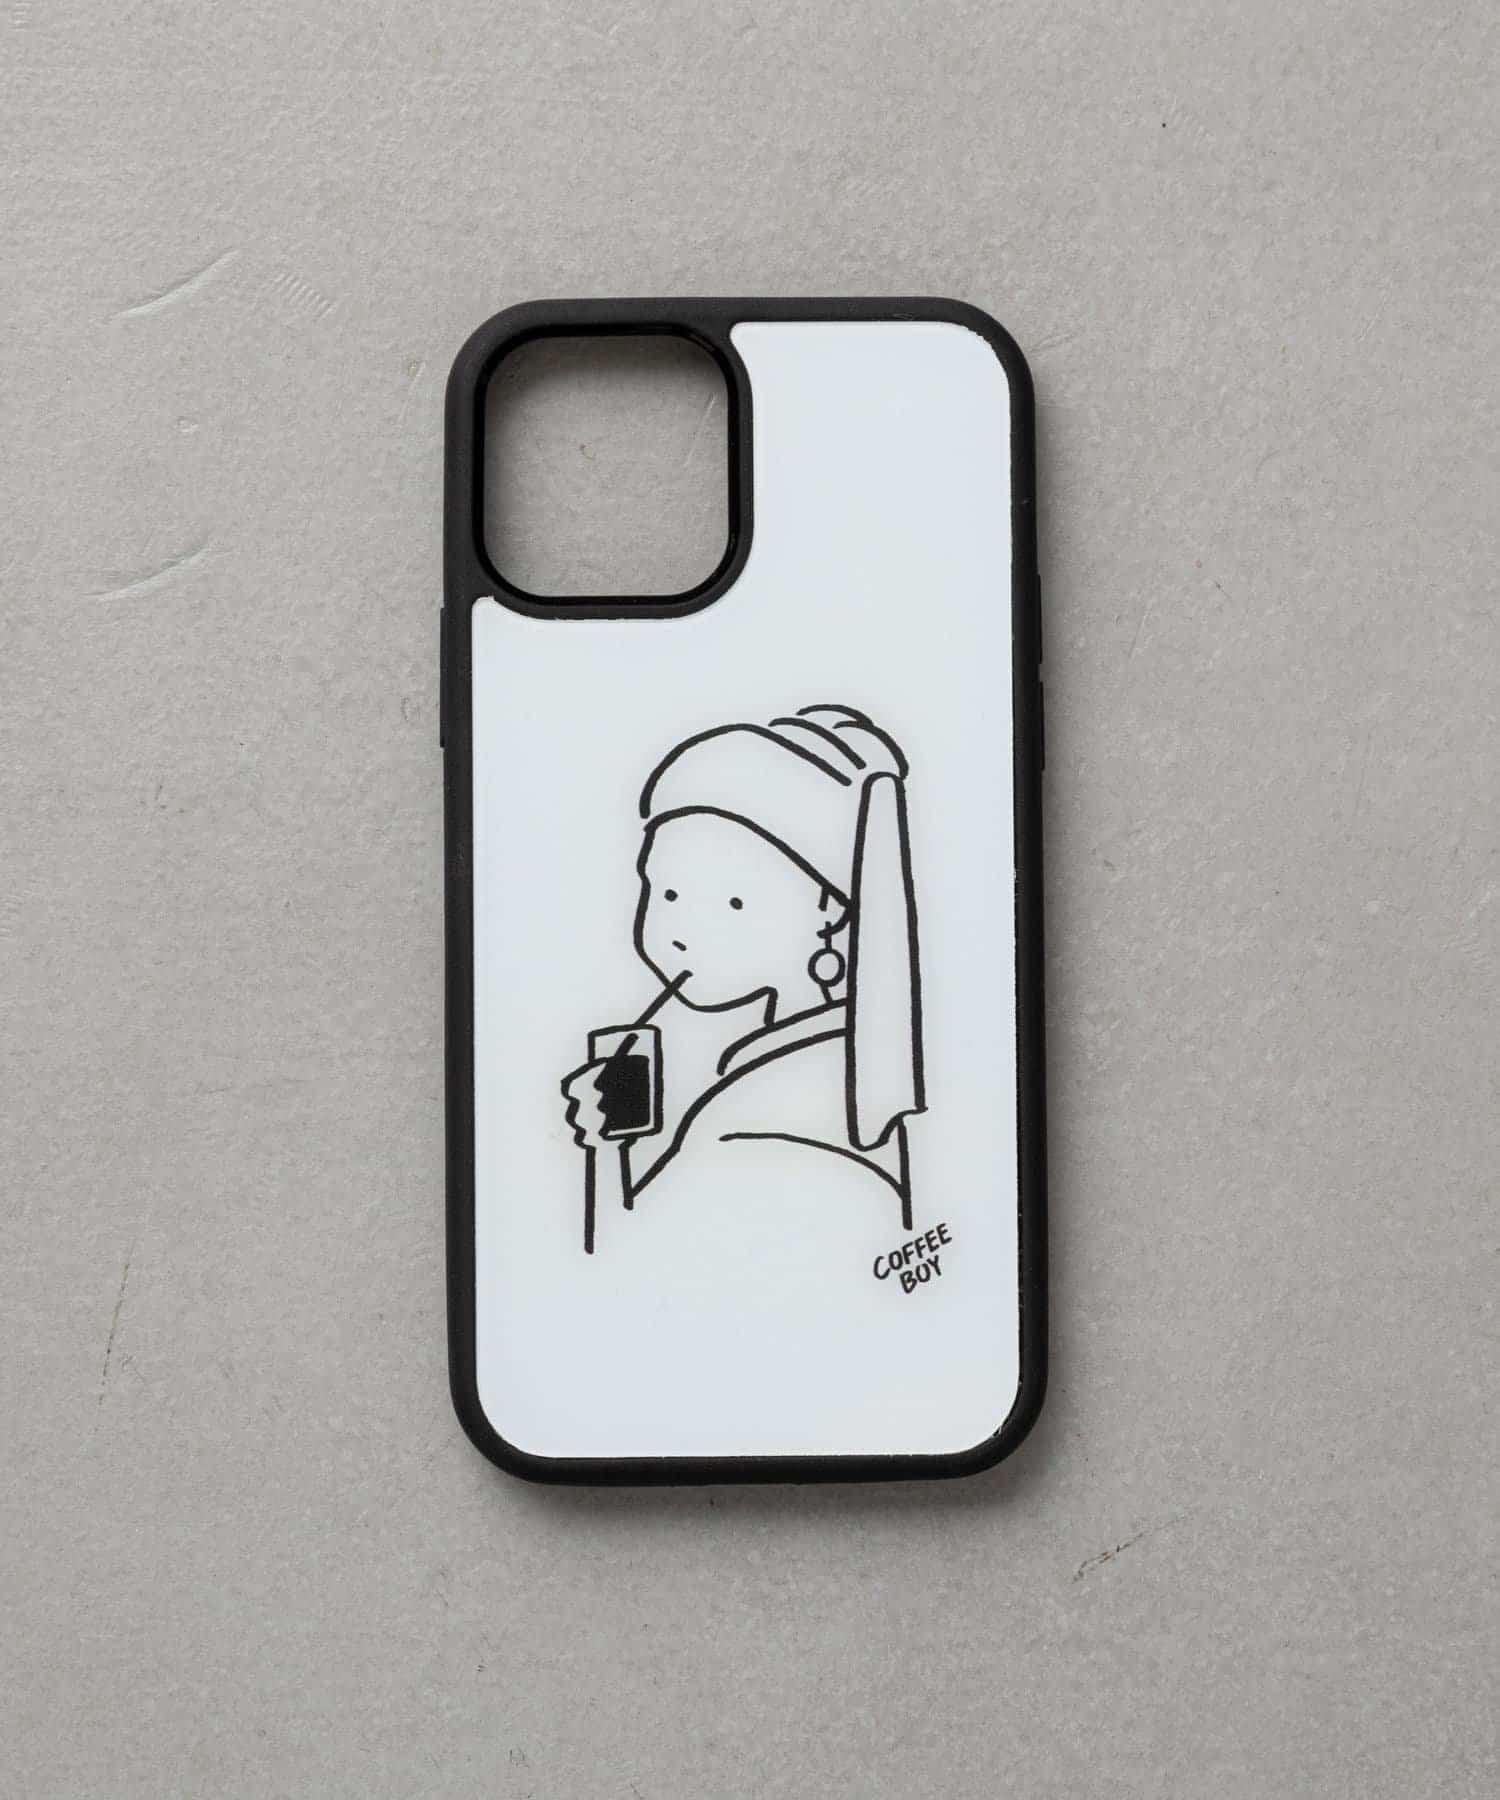 BIRTHDAY BAR(バースデイバー) レディース 【受注予約】COFFEE BOY iPhoneケース その他16